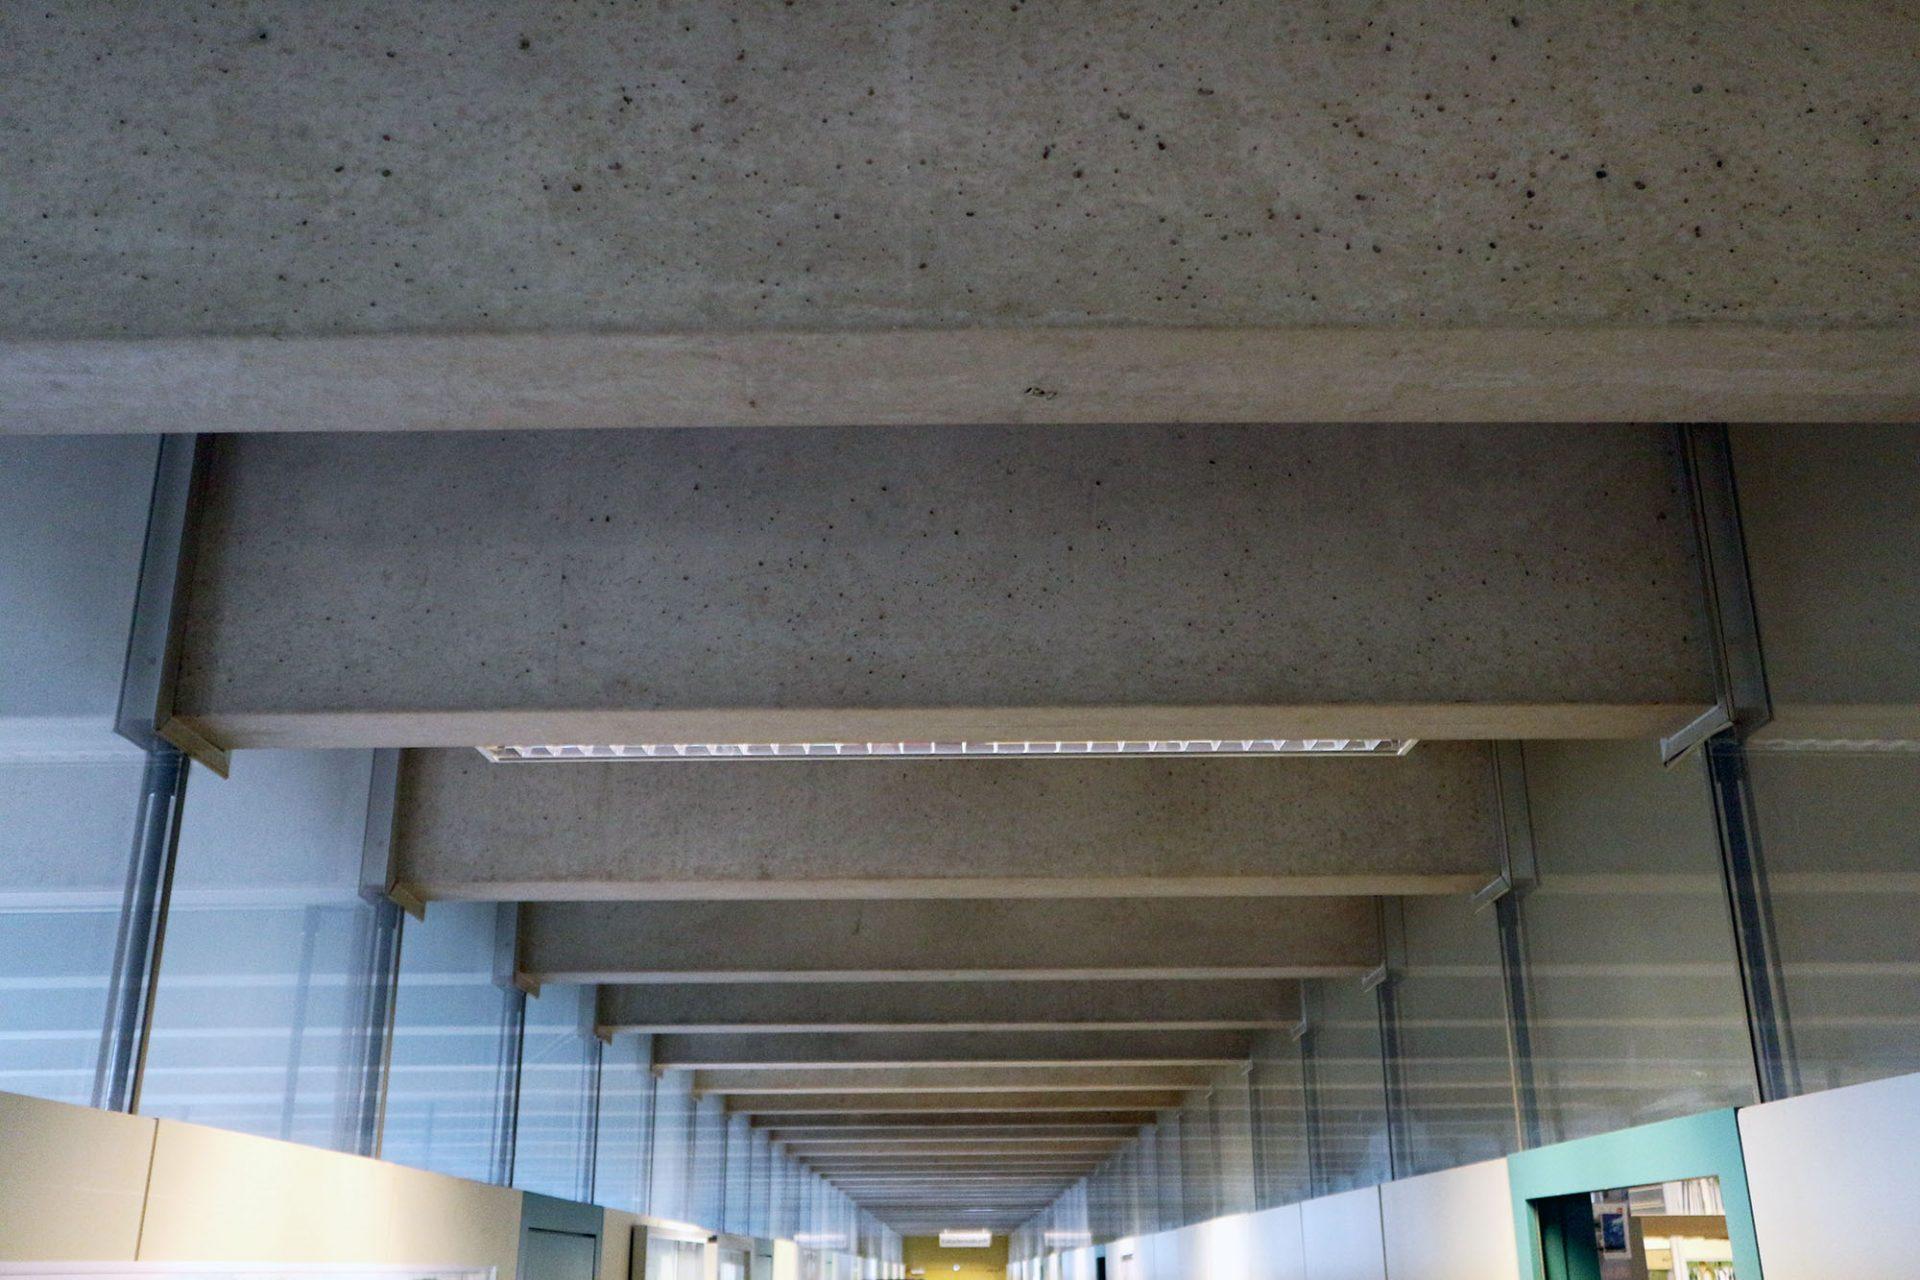 Rathaus Castrop-Rauxel. Die verglasten Oberlichter lassen viel Tageslicht in die Flure und machen die Tragstruktur sichtbar.